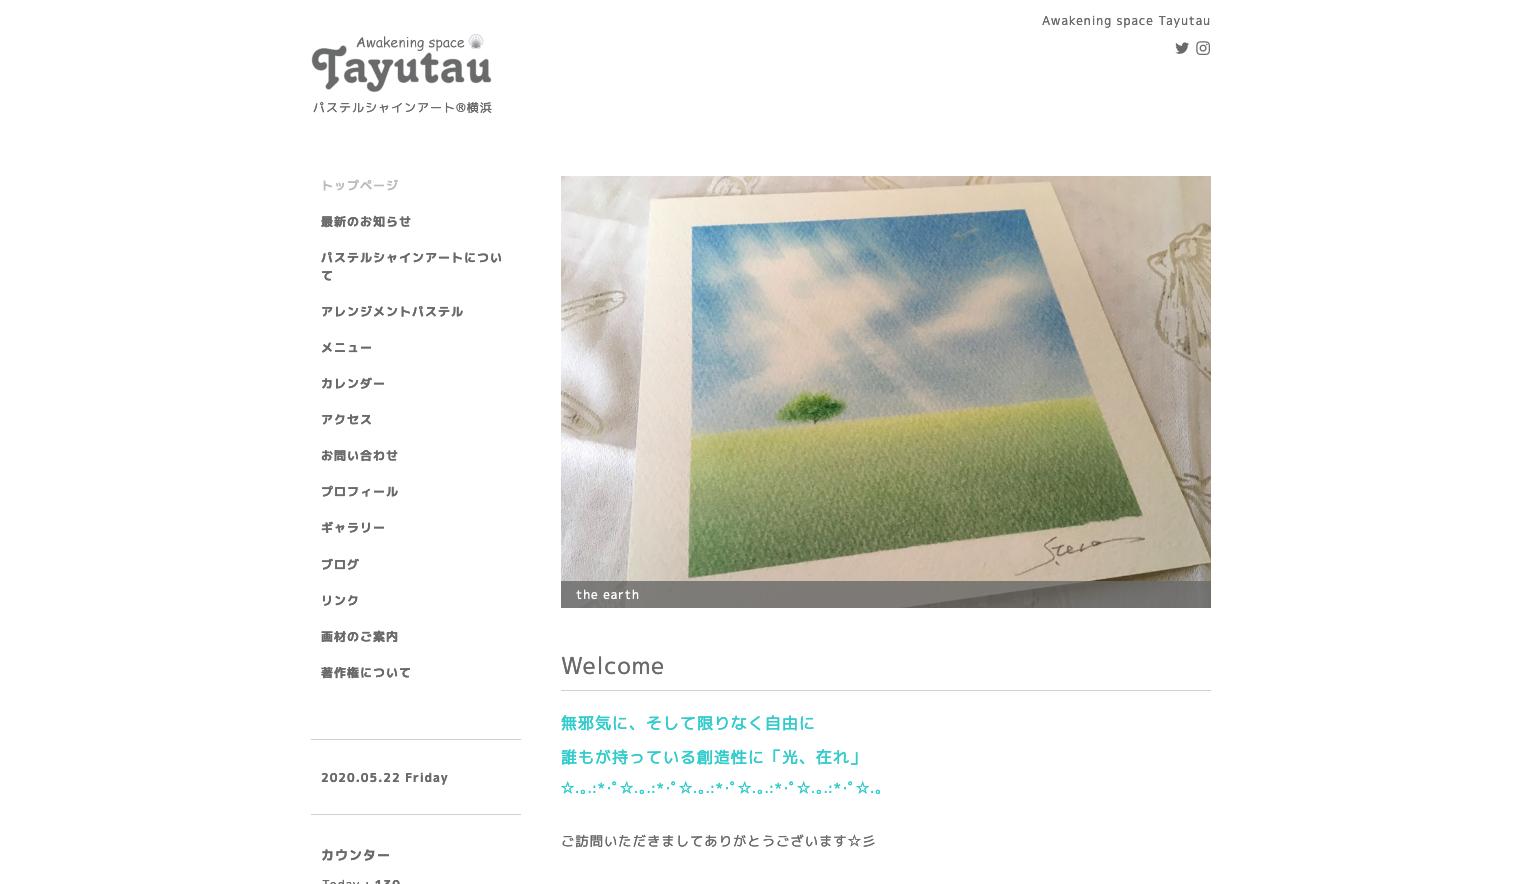 Awakening space Tayutauさんのホームページ